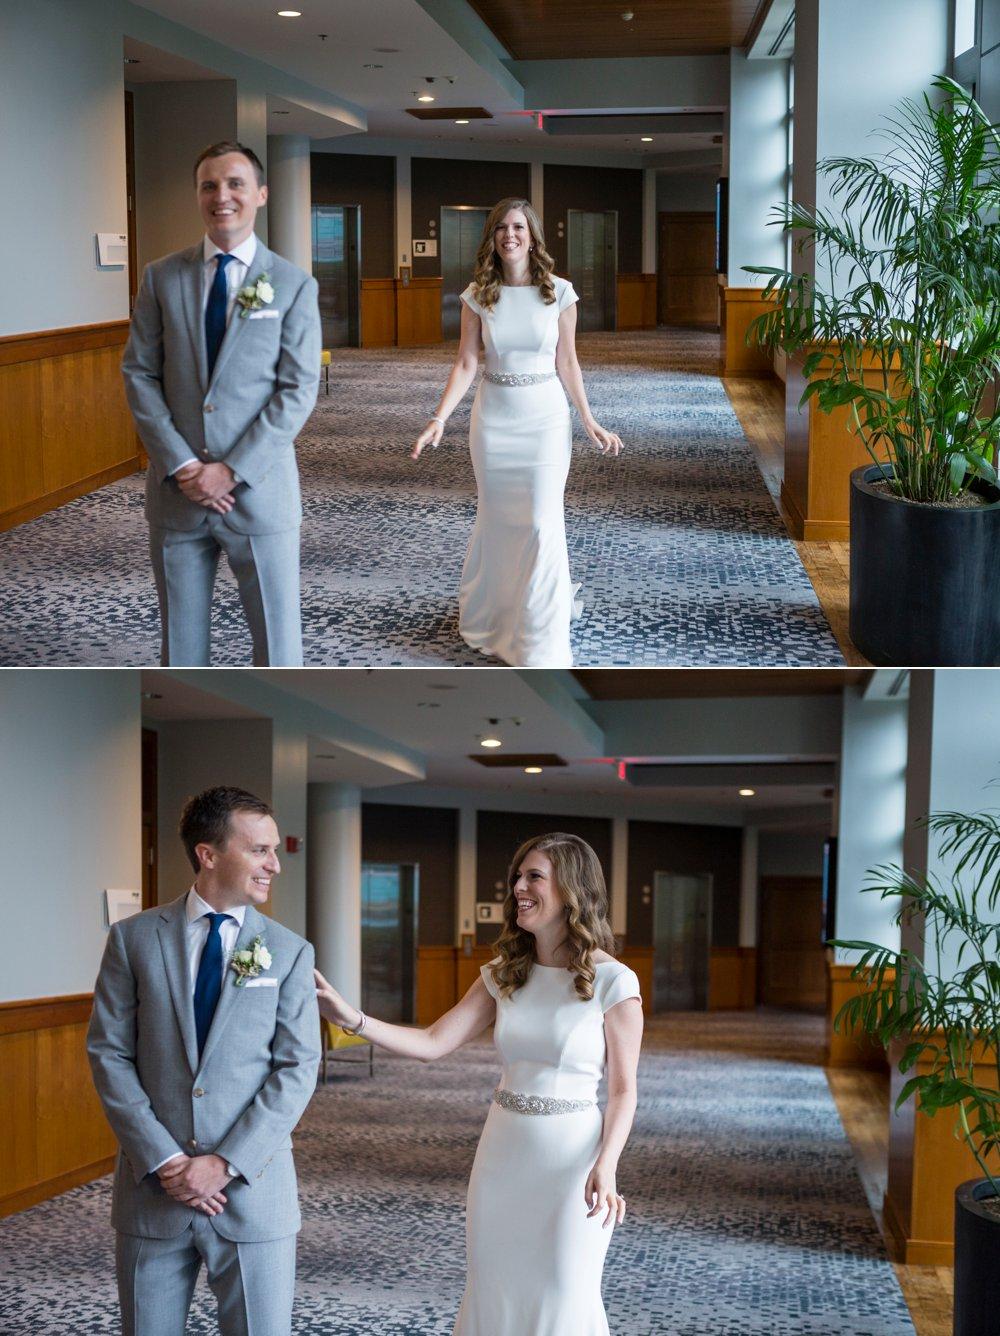 SomerbyJonesPhotography_LoyalNineWedding_LoyalNineRestaurant_LoyalNine_Wedding_0008.jpg